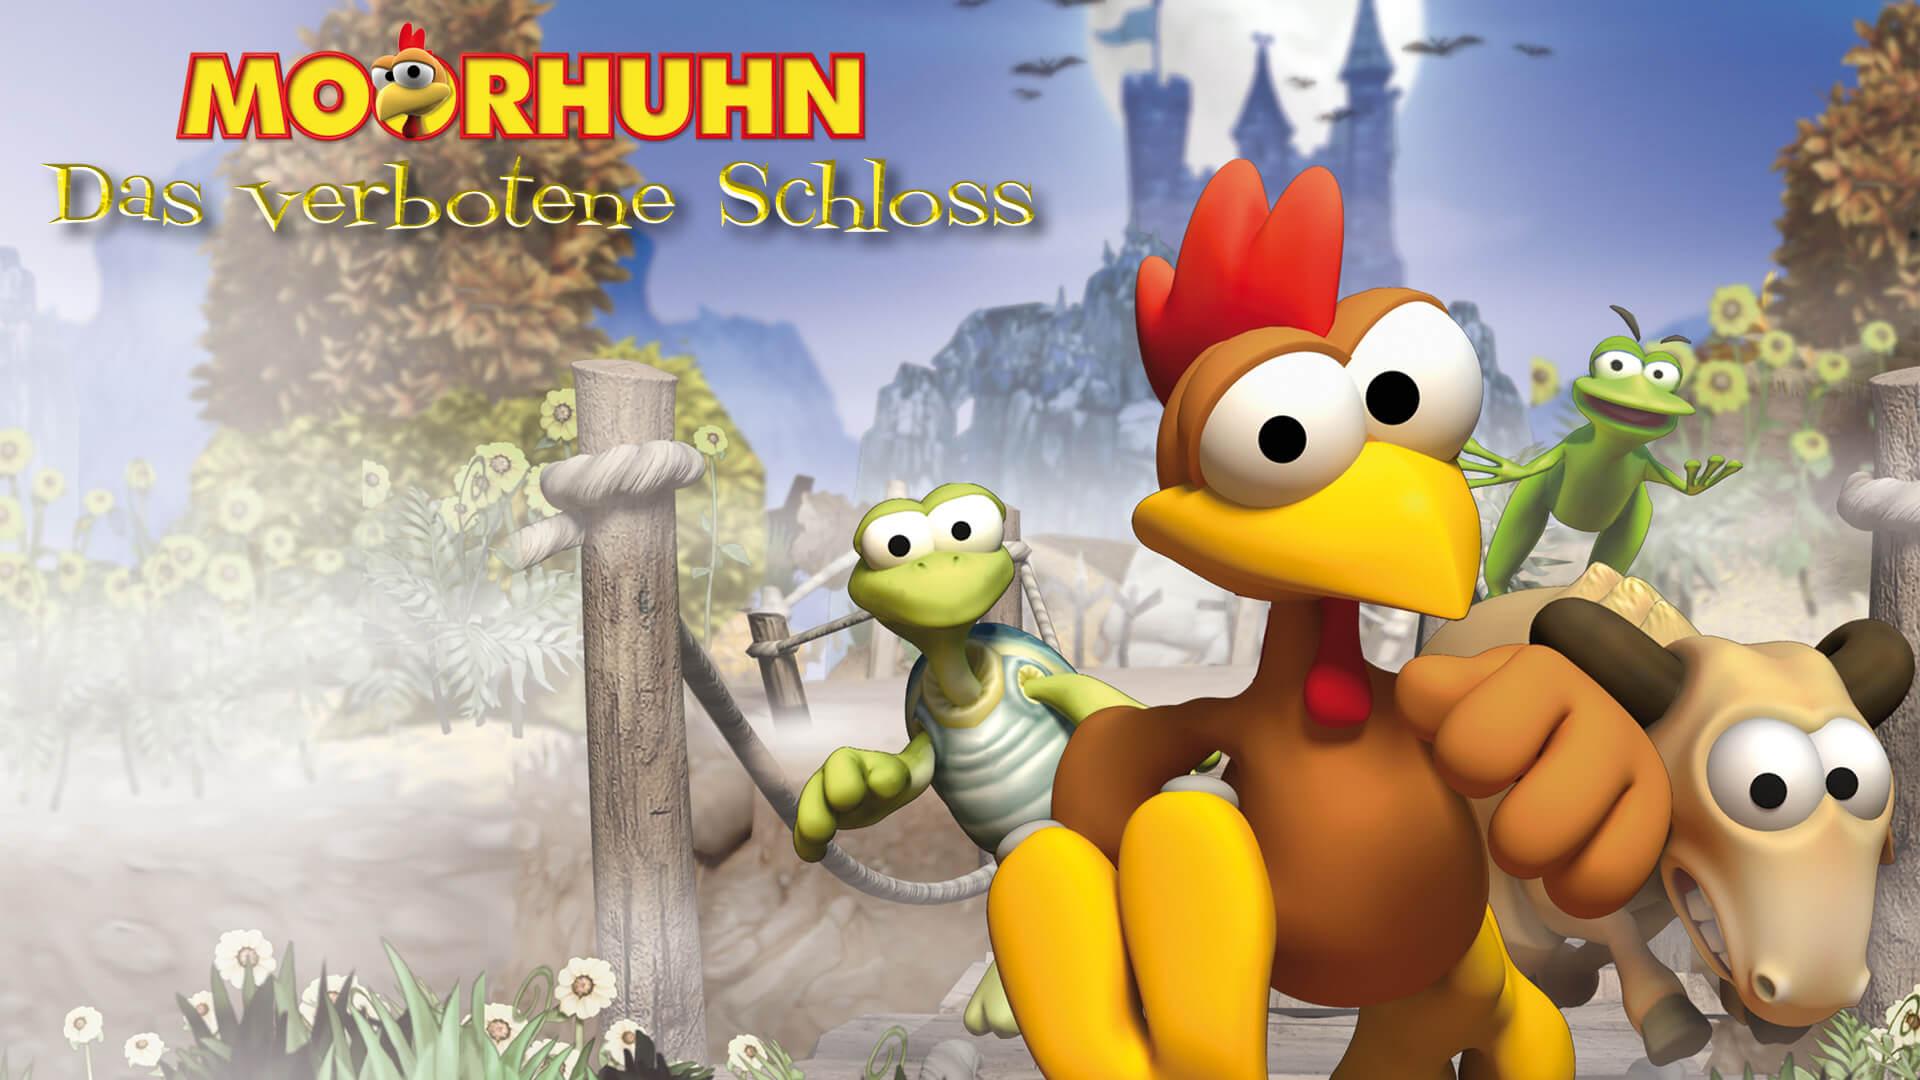 Moorhuhnl_Das_verbotene_Schloss